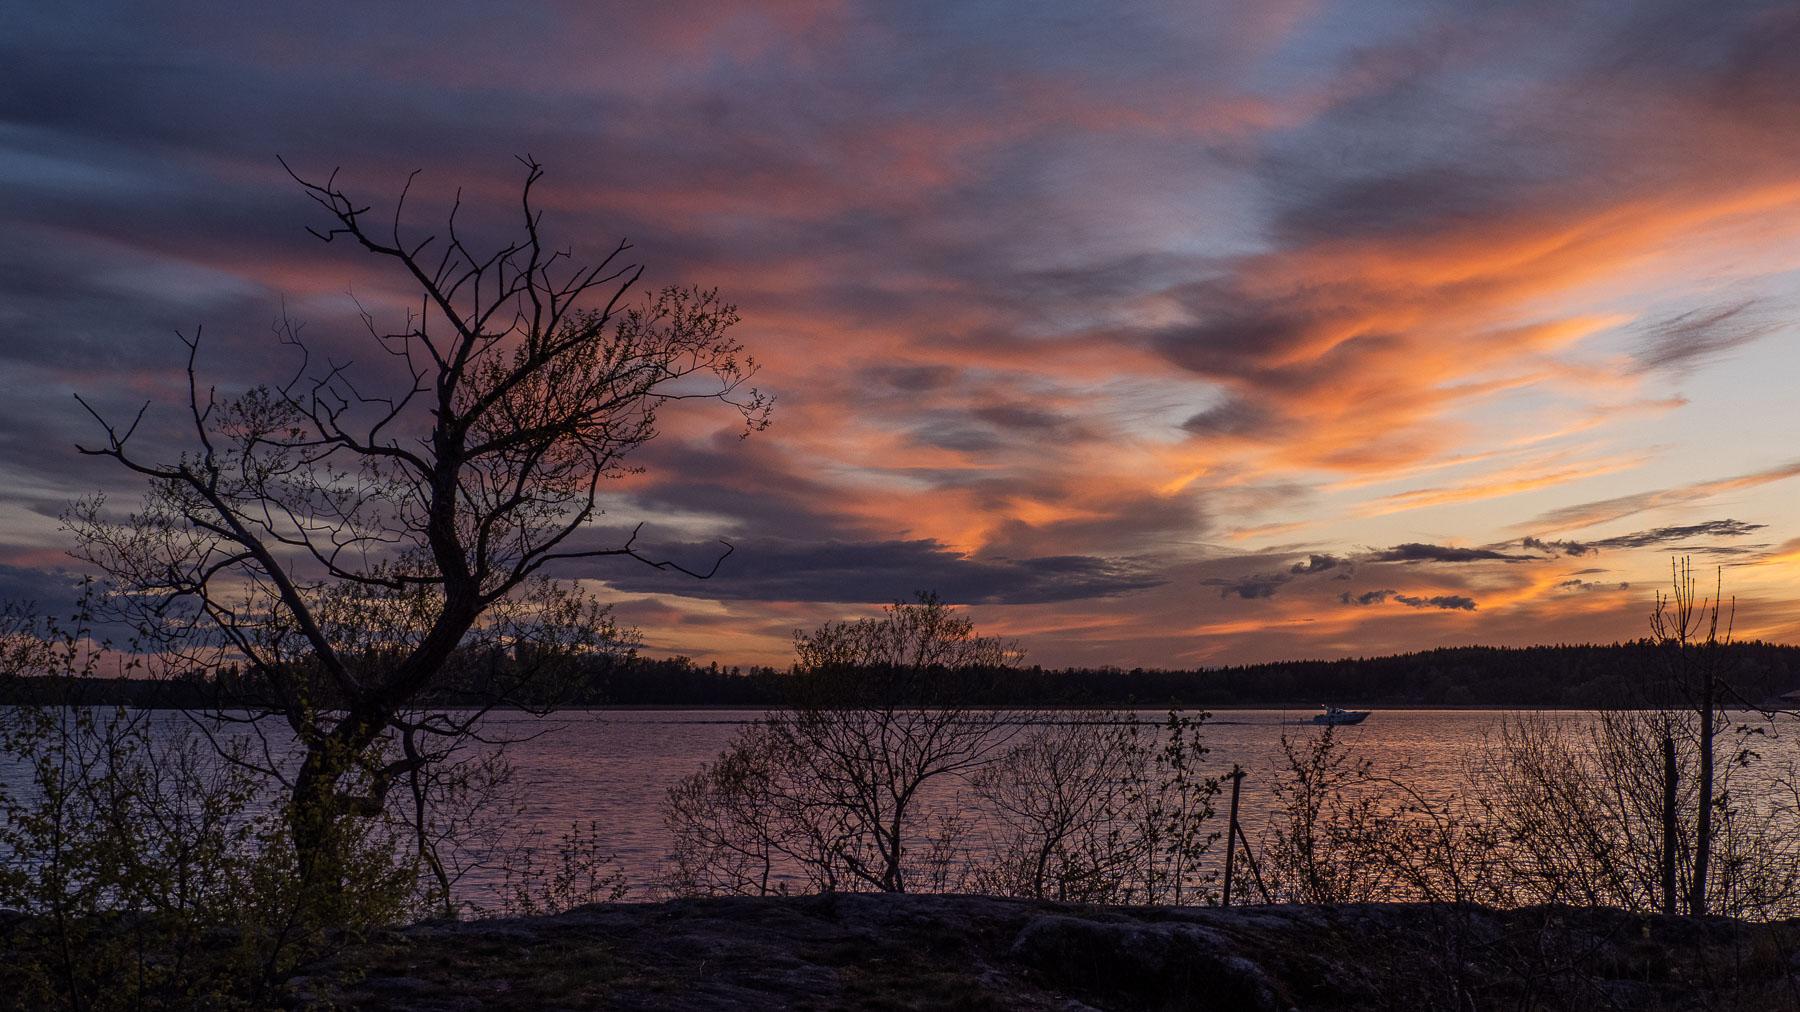 Озеро Mälaren Стокгольм. Автор фото: Сутормина Марина